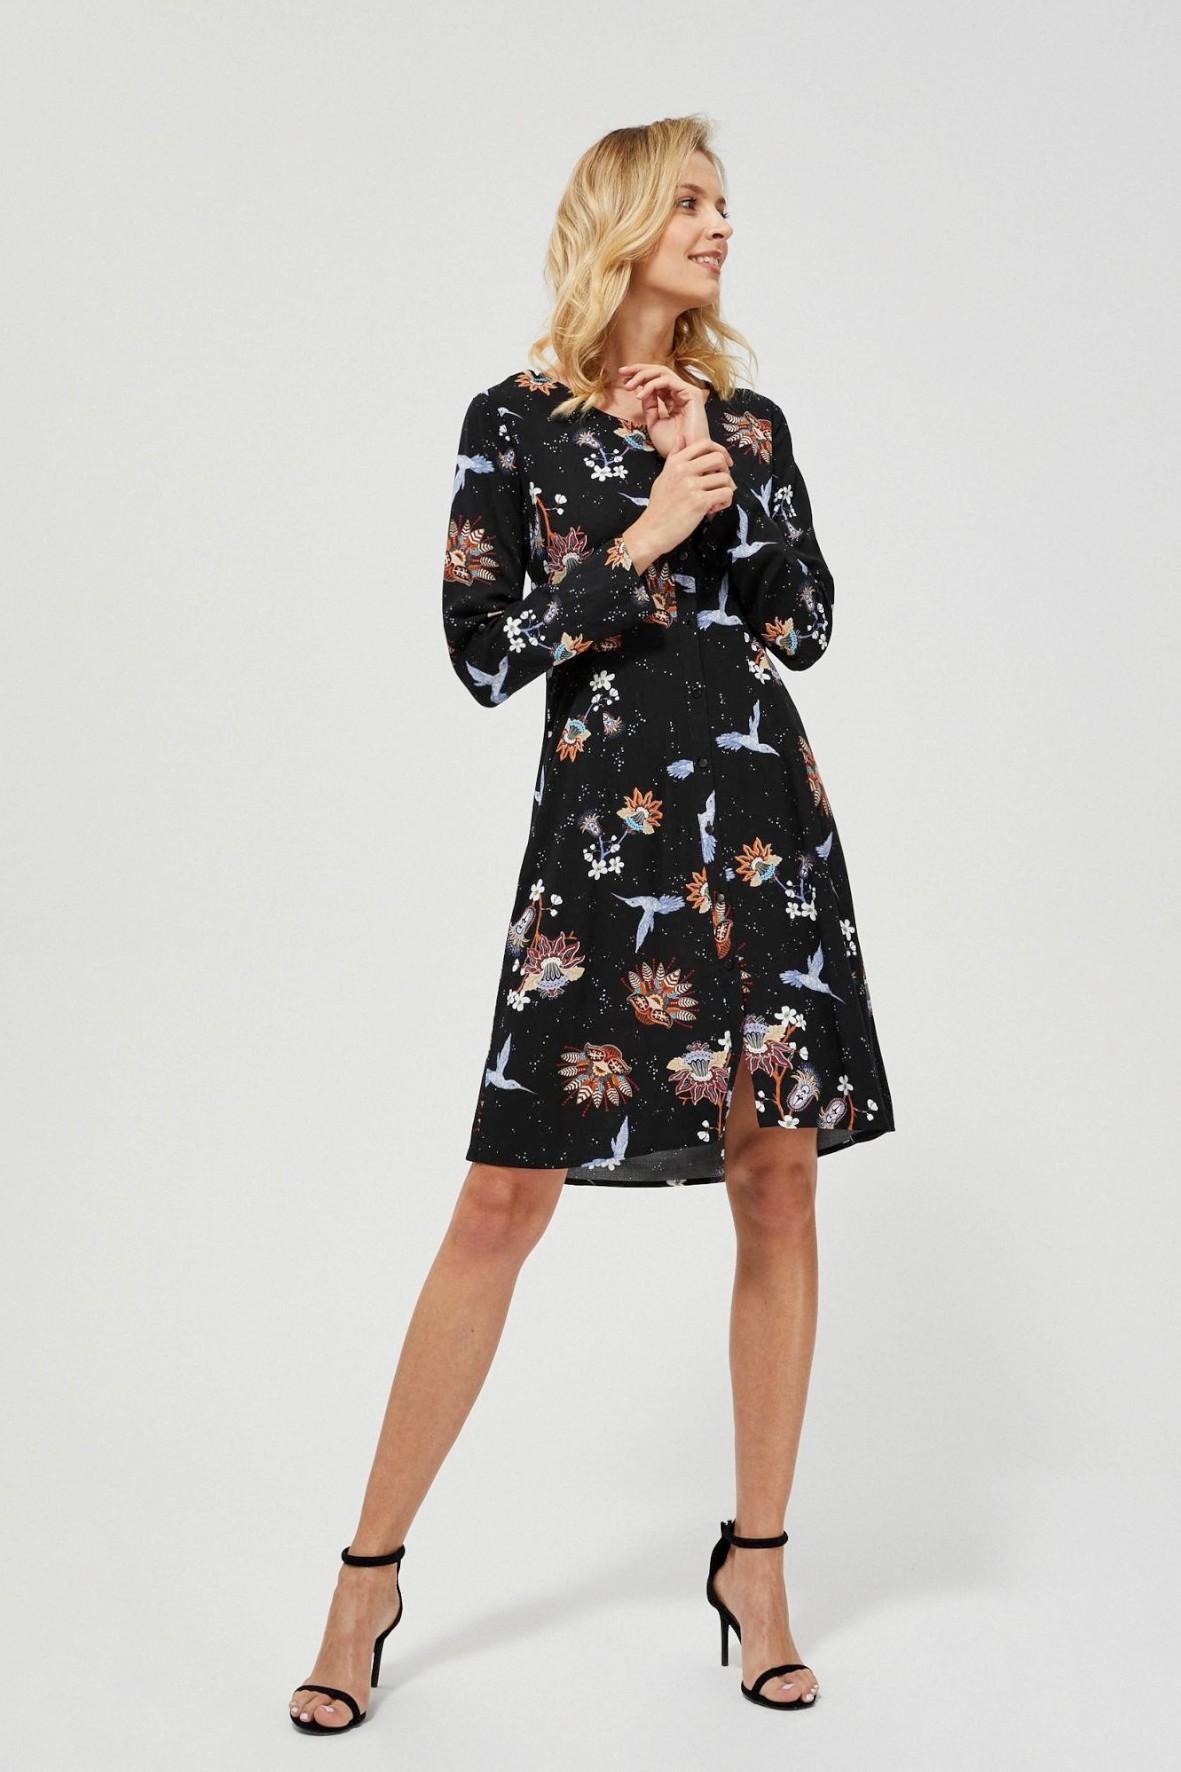 Sukienka damska na guziki z kolorowym kwiatowym nadrukiem